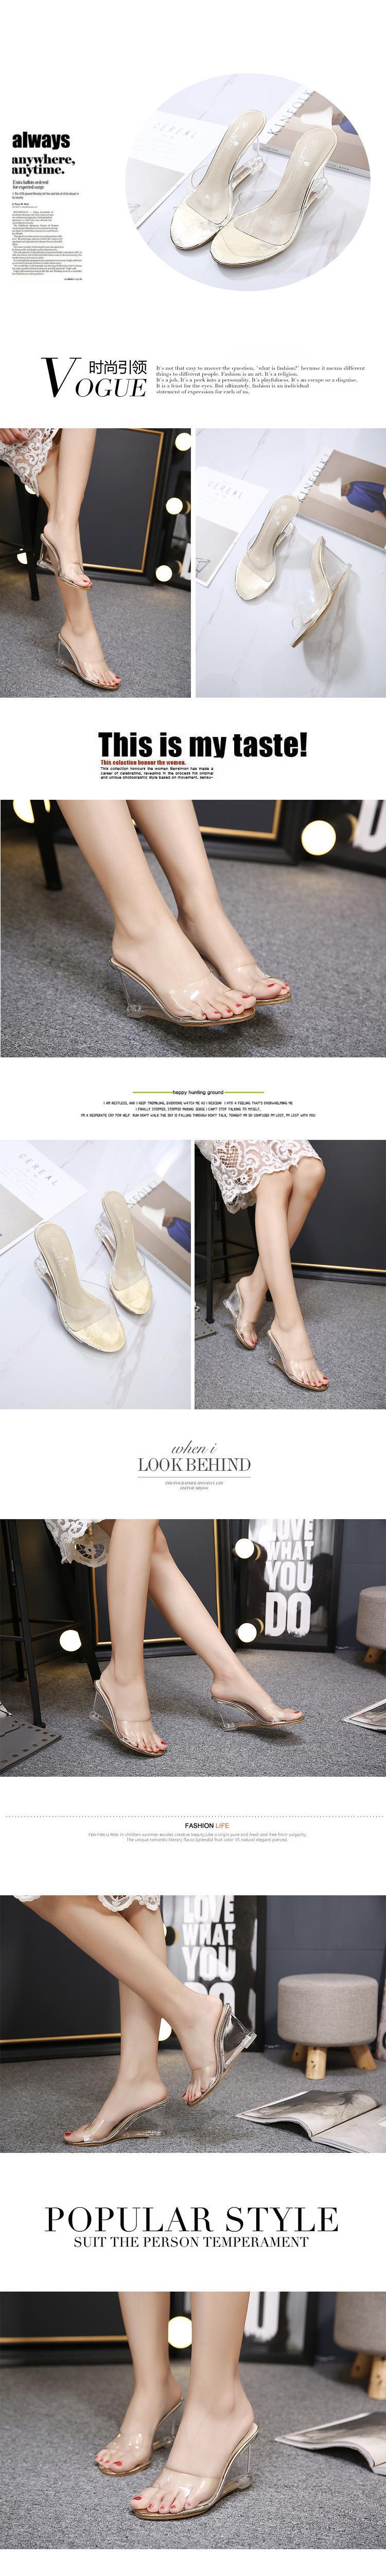 HTB1cIpdXnuHKKRjt XBq6zfepXaK HOKSZVY Women Slipper High Heels Summer Summer Women's Shoes Word Buckle Simple Wedge Sandals Transparent Clear Shoes LFD-833-2